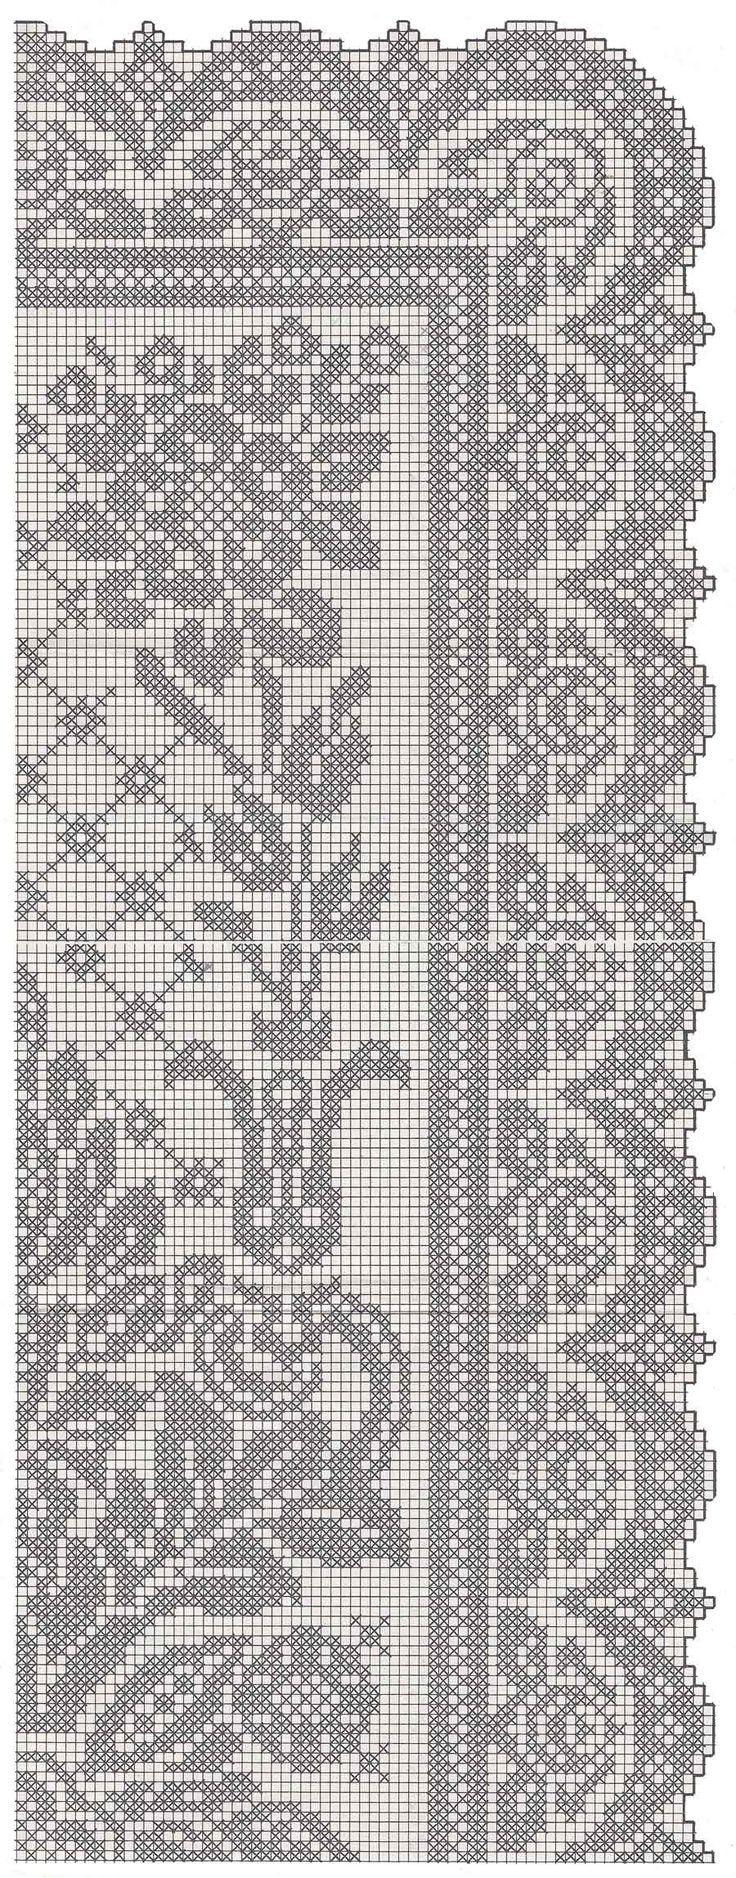 Grande striscia da tavolo schema crochet everything crochet filet crochet e thread crochet - Striscia uncinetto per tavolo ...